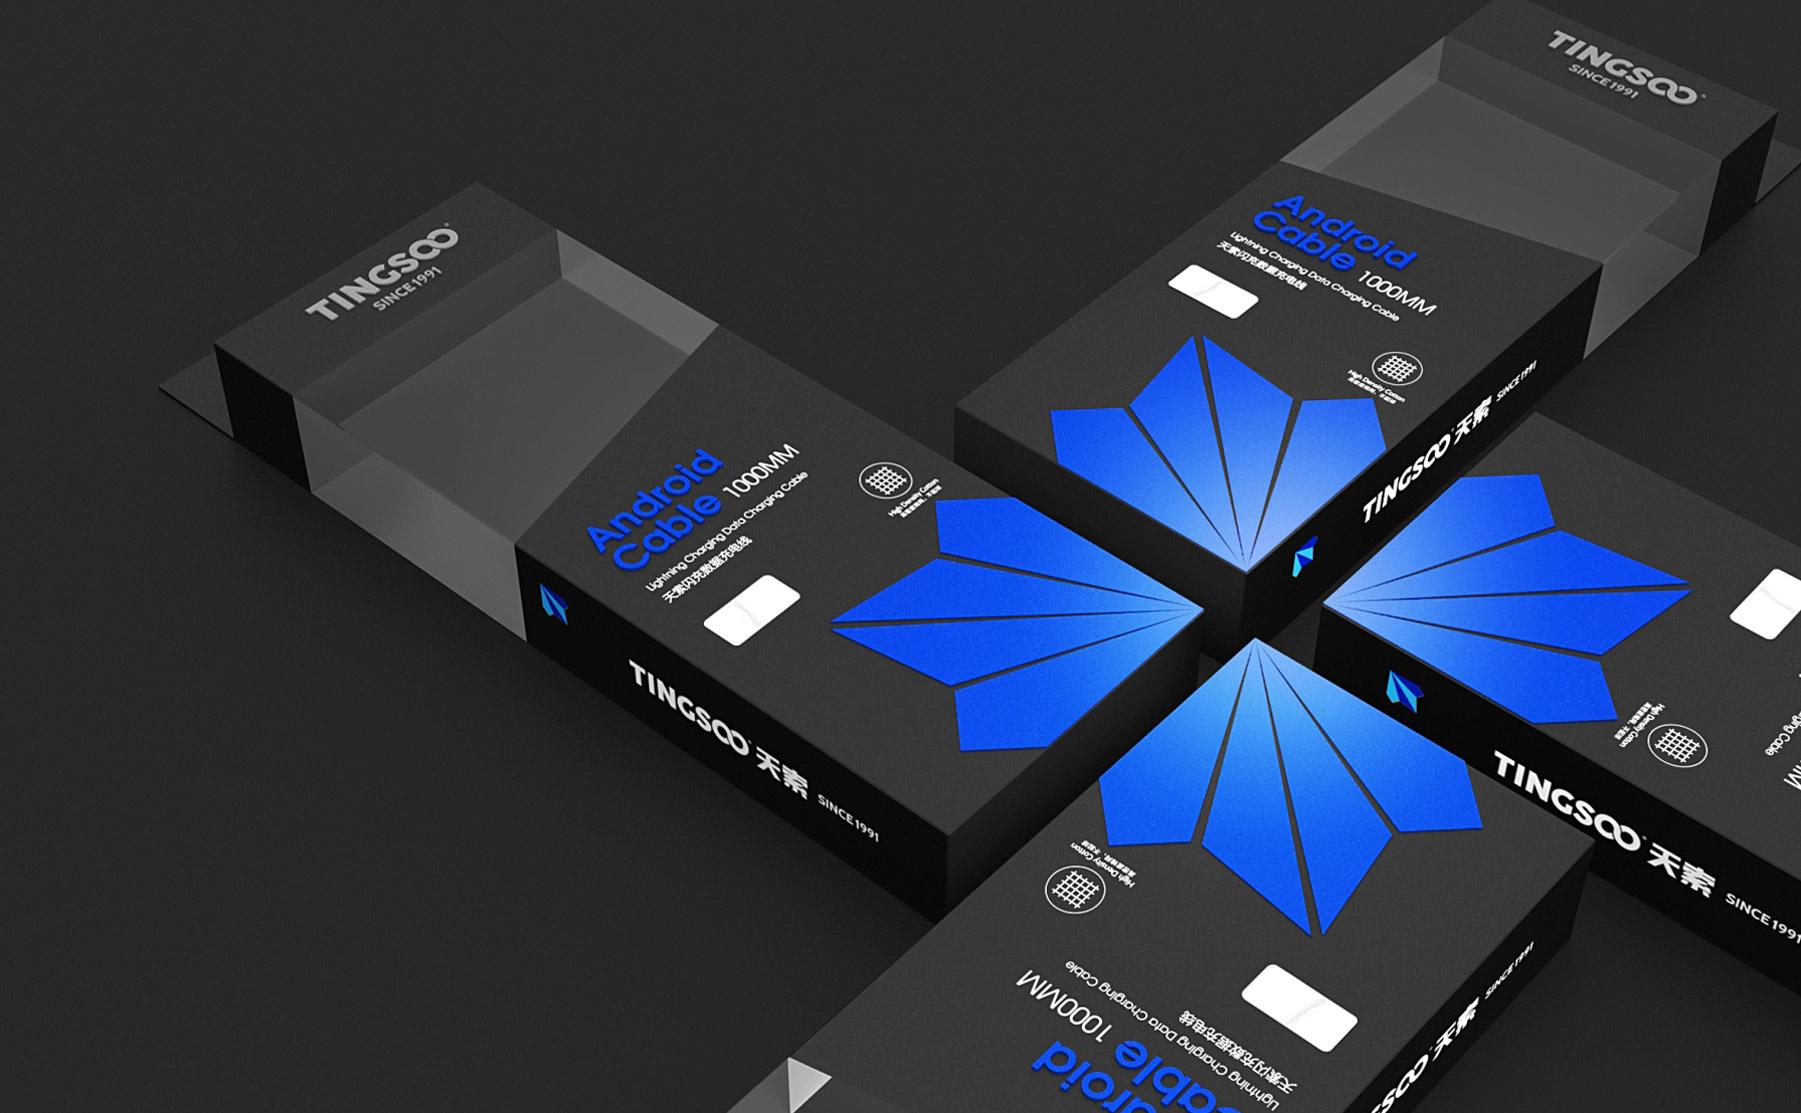 天索包装设计 比高创意R品牌设计公司 专业东莞VI设计 LOGO设计 品牌策划 商业空间设计公司 作品案例 电子产品包装